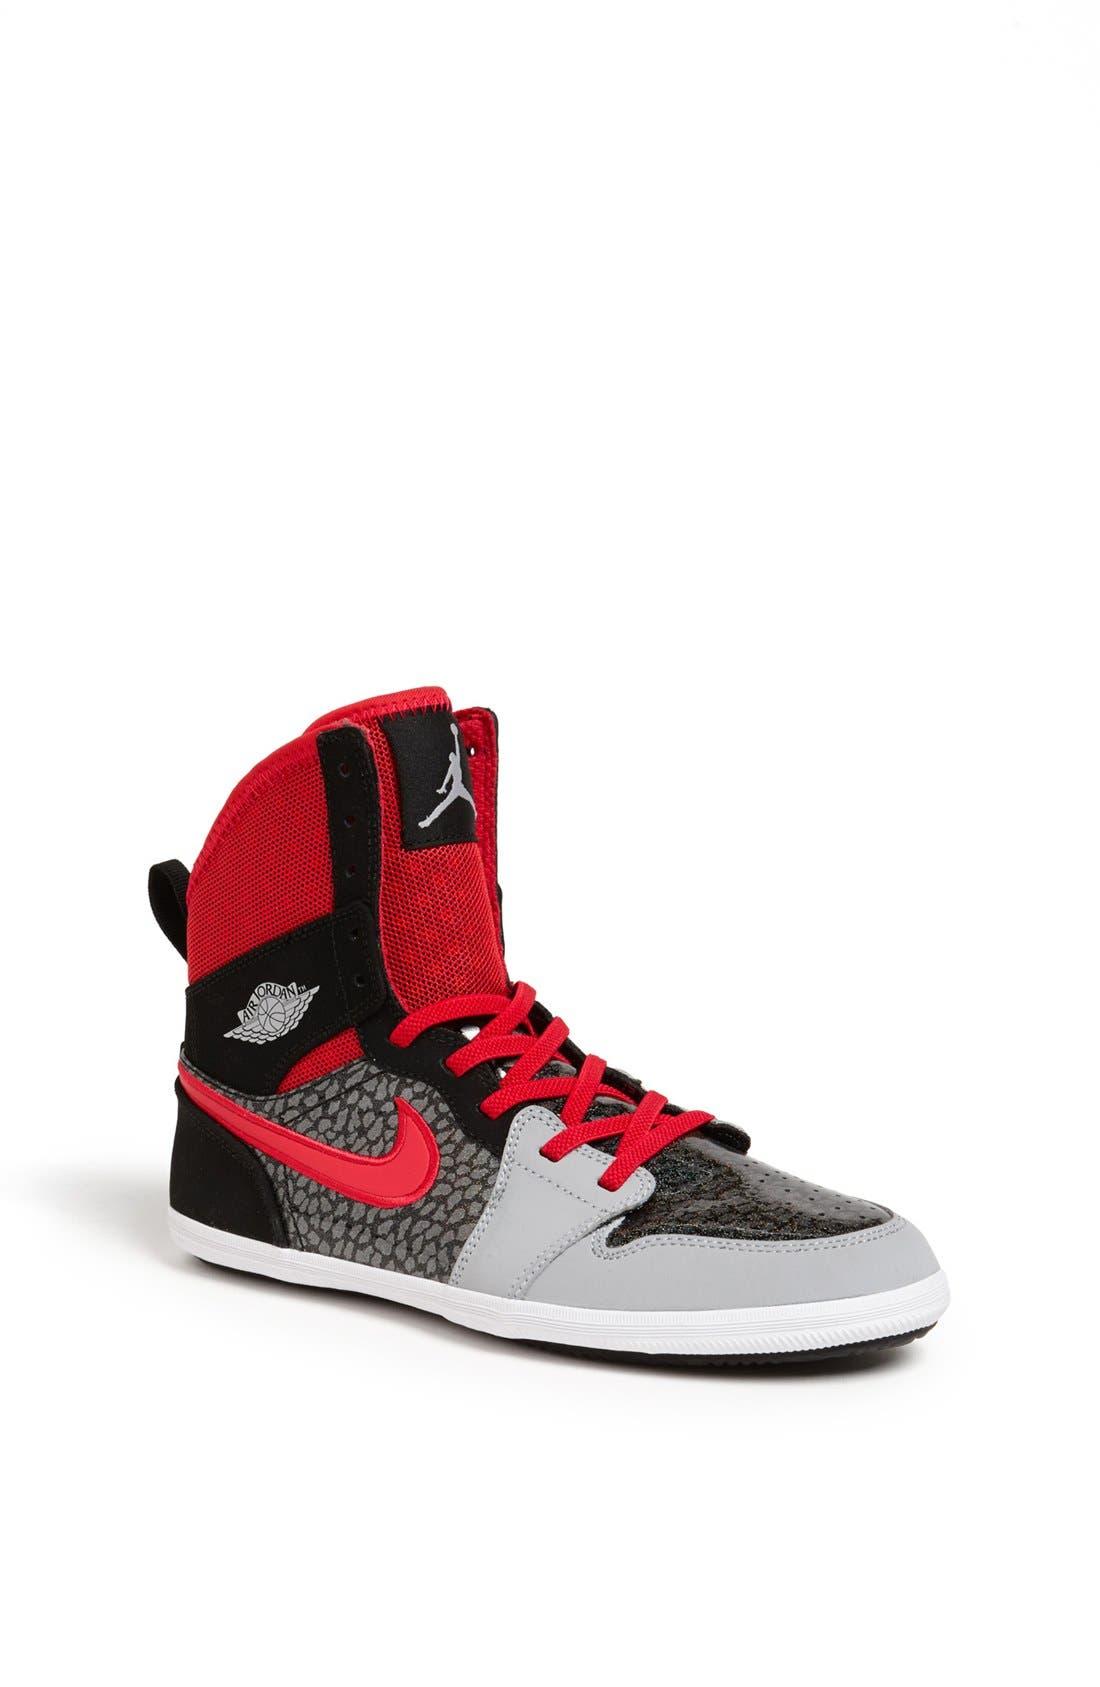 Alternate Image 1 Selected - Nike 'Jordan 1 Skinny High' Sneaker (Big Kid)